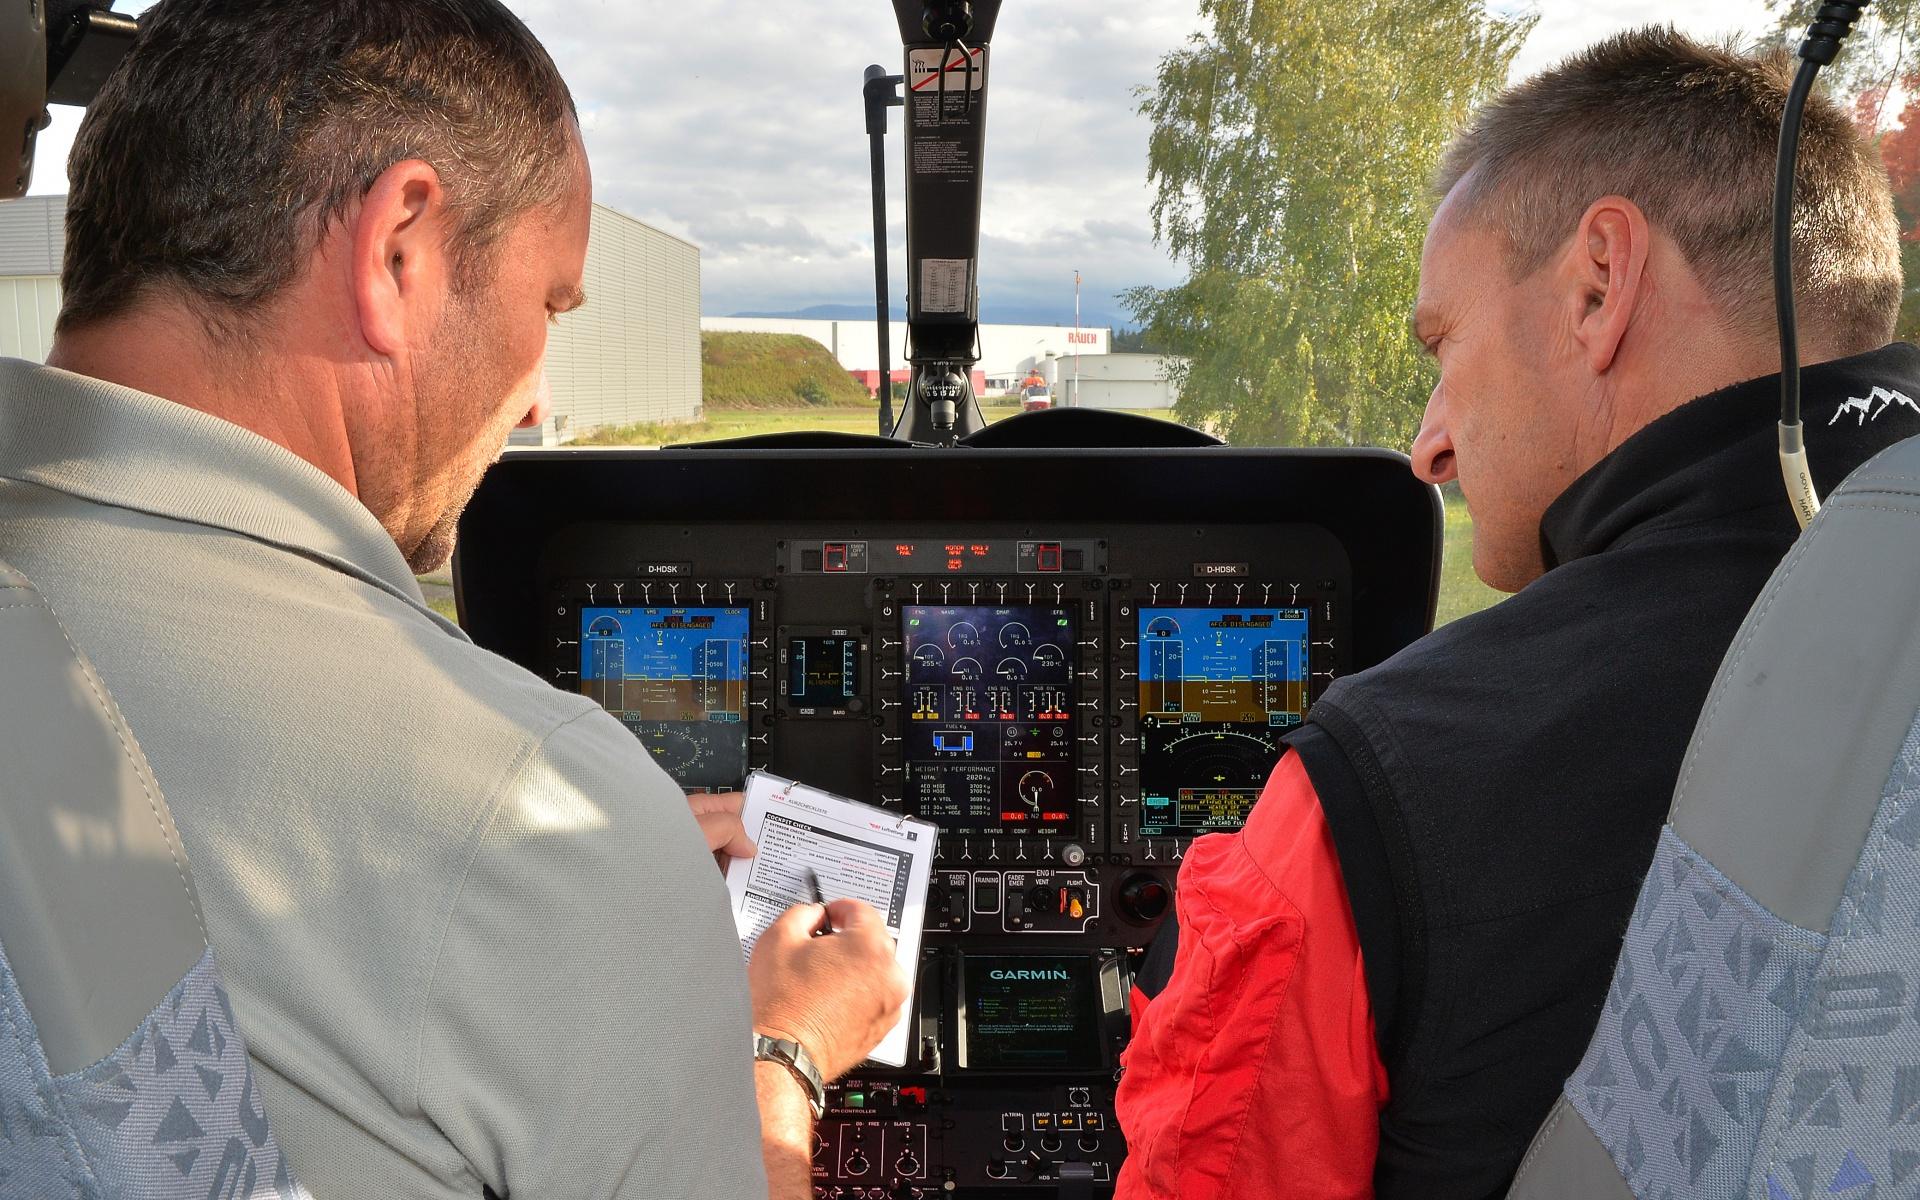 """Fluglehrer Jörg Redetzky (links) war einer der ersten beiden Piloten der DRF Luftrettung, der auf der H 135 geschult wurde. Nun gibt er sein Wissen rund um die vielfältigen Möglichkeiten des Glascockpits, das ebenso in der im Zuge der Flottenerneuerung beschafften H 145 zum Einsatz kommt, bei der """"Unterschiedsschulung"""" an seine Piloten-Kollegen wie den Chef der in Österreich gelegenen Station Reutte Christian Brunnlechner weiter."""